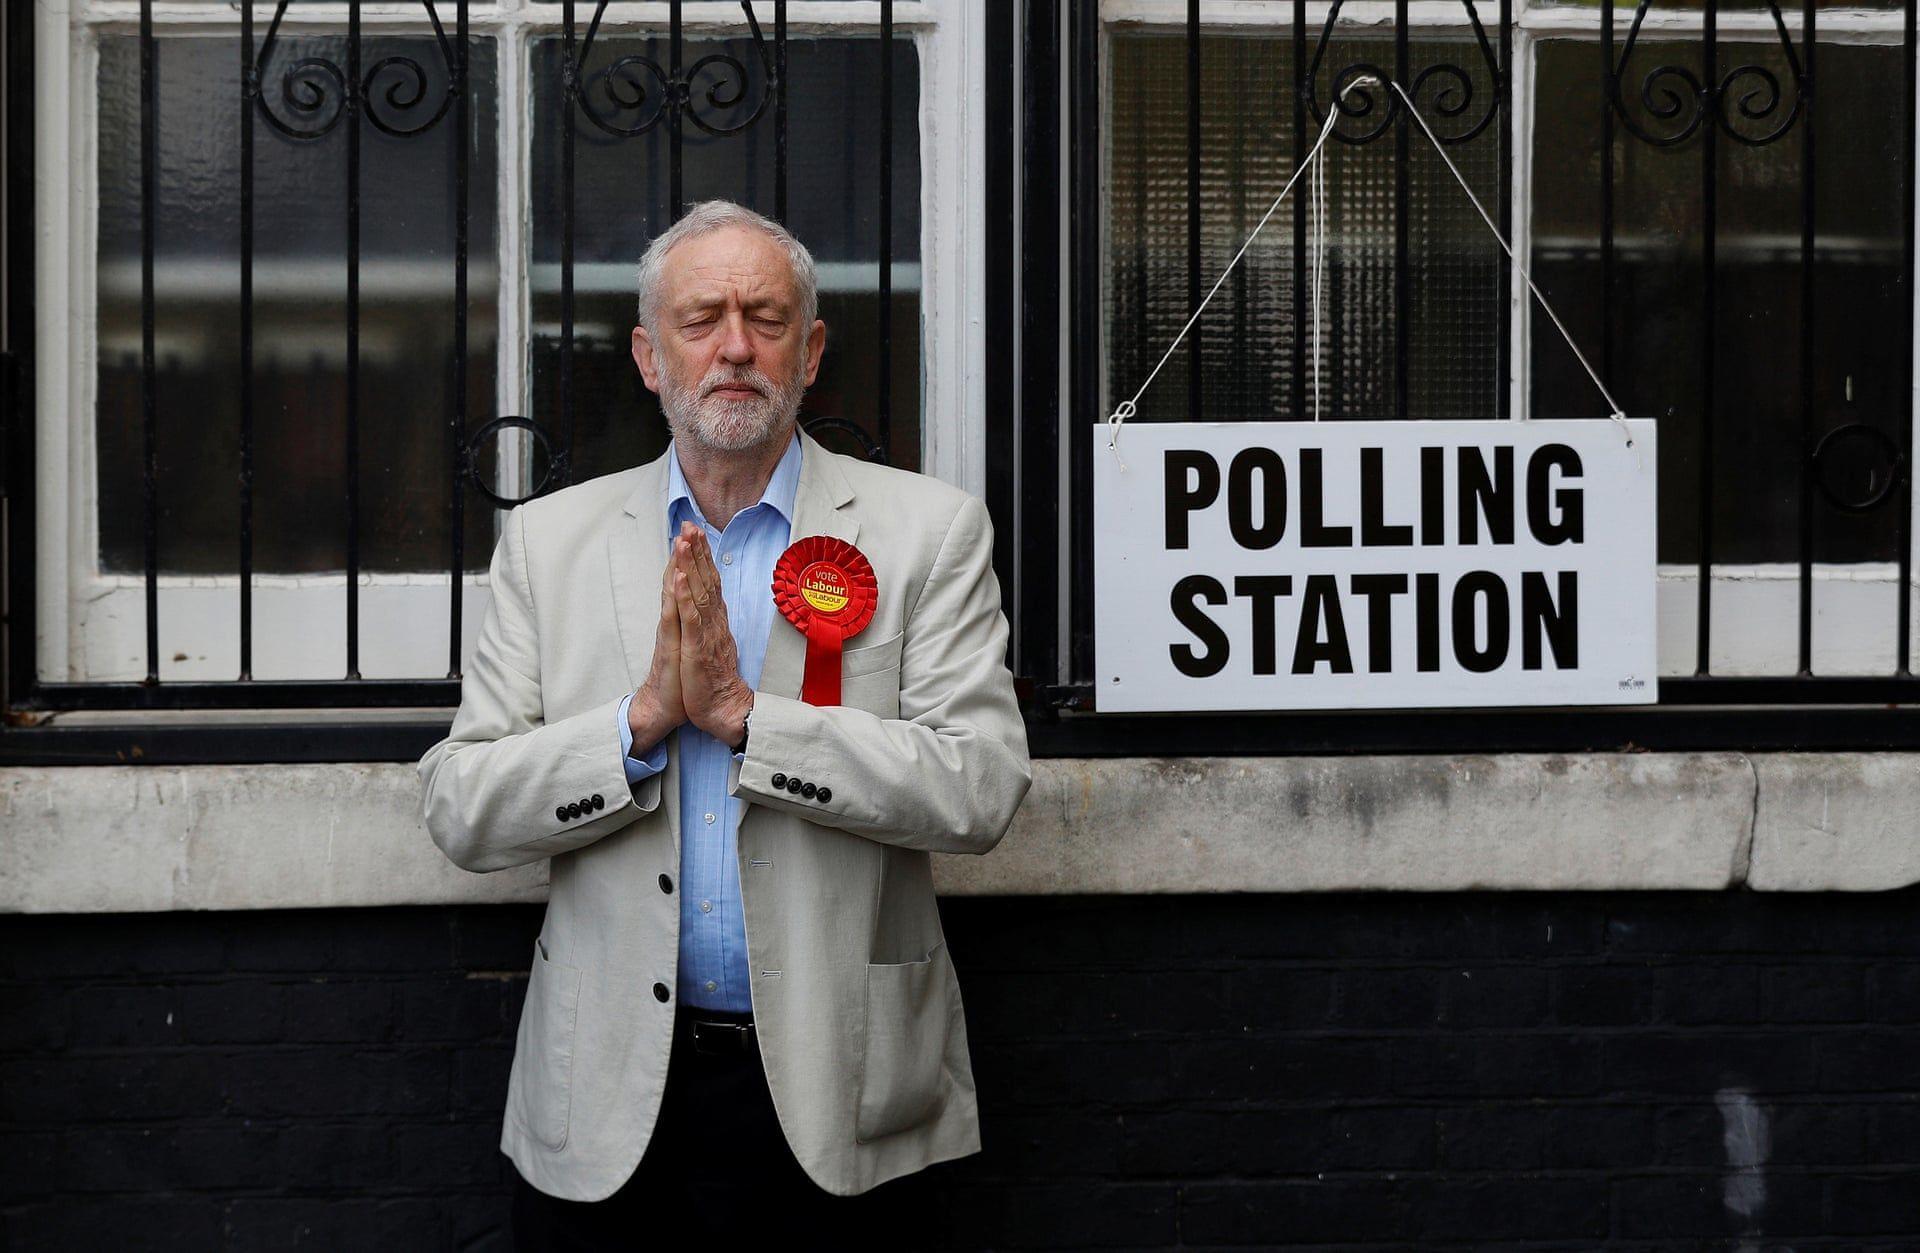 Jeremy Corbyn a Munk‡sp‡rt elnškemiut‡n szavazott az šnkorm‡nyzati v‡laszt‡sokon. Fot—: Peter Nicholls/Reuters/ thebppa